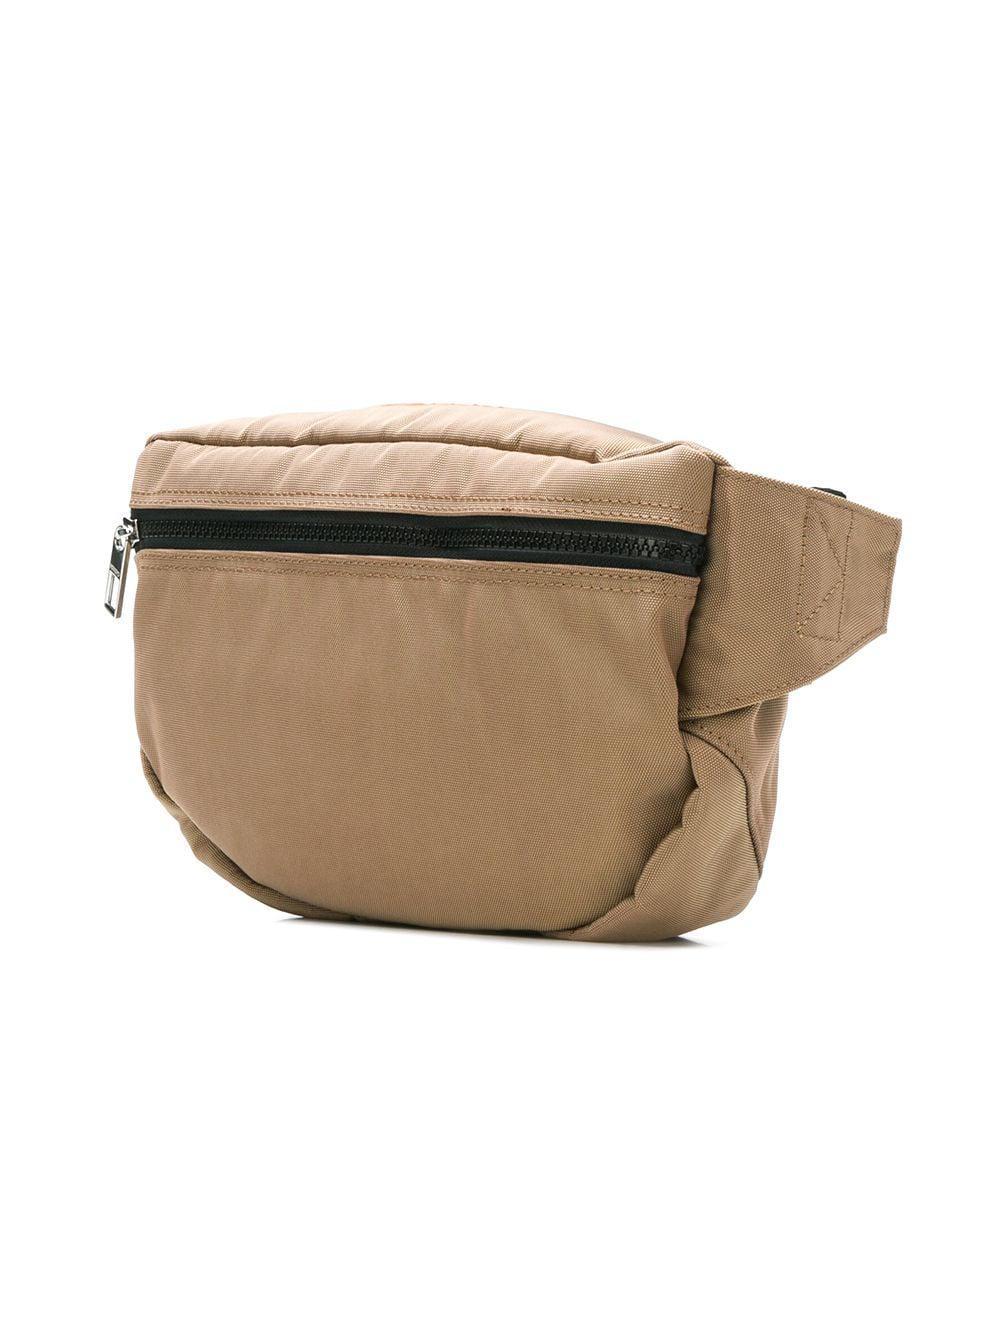 Lyst - KENZO Tiger Belt Bag for Men bcd460d032